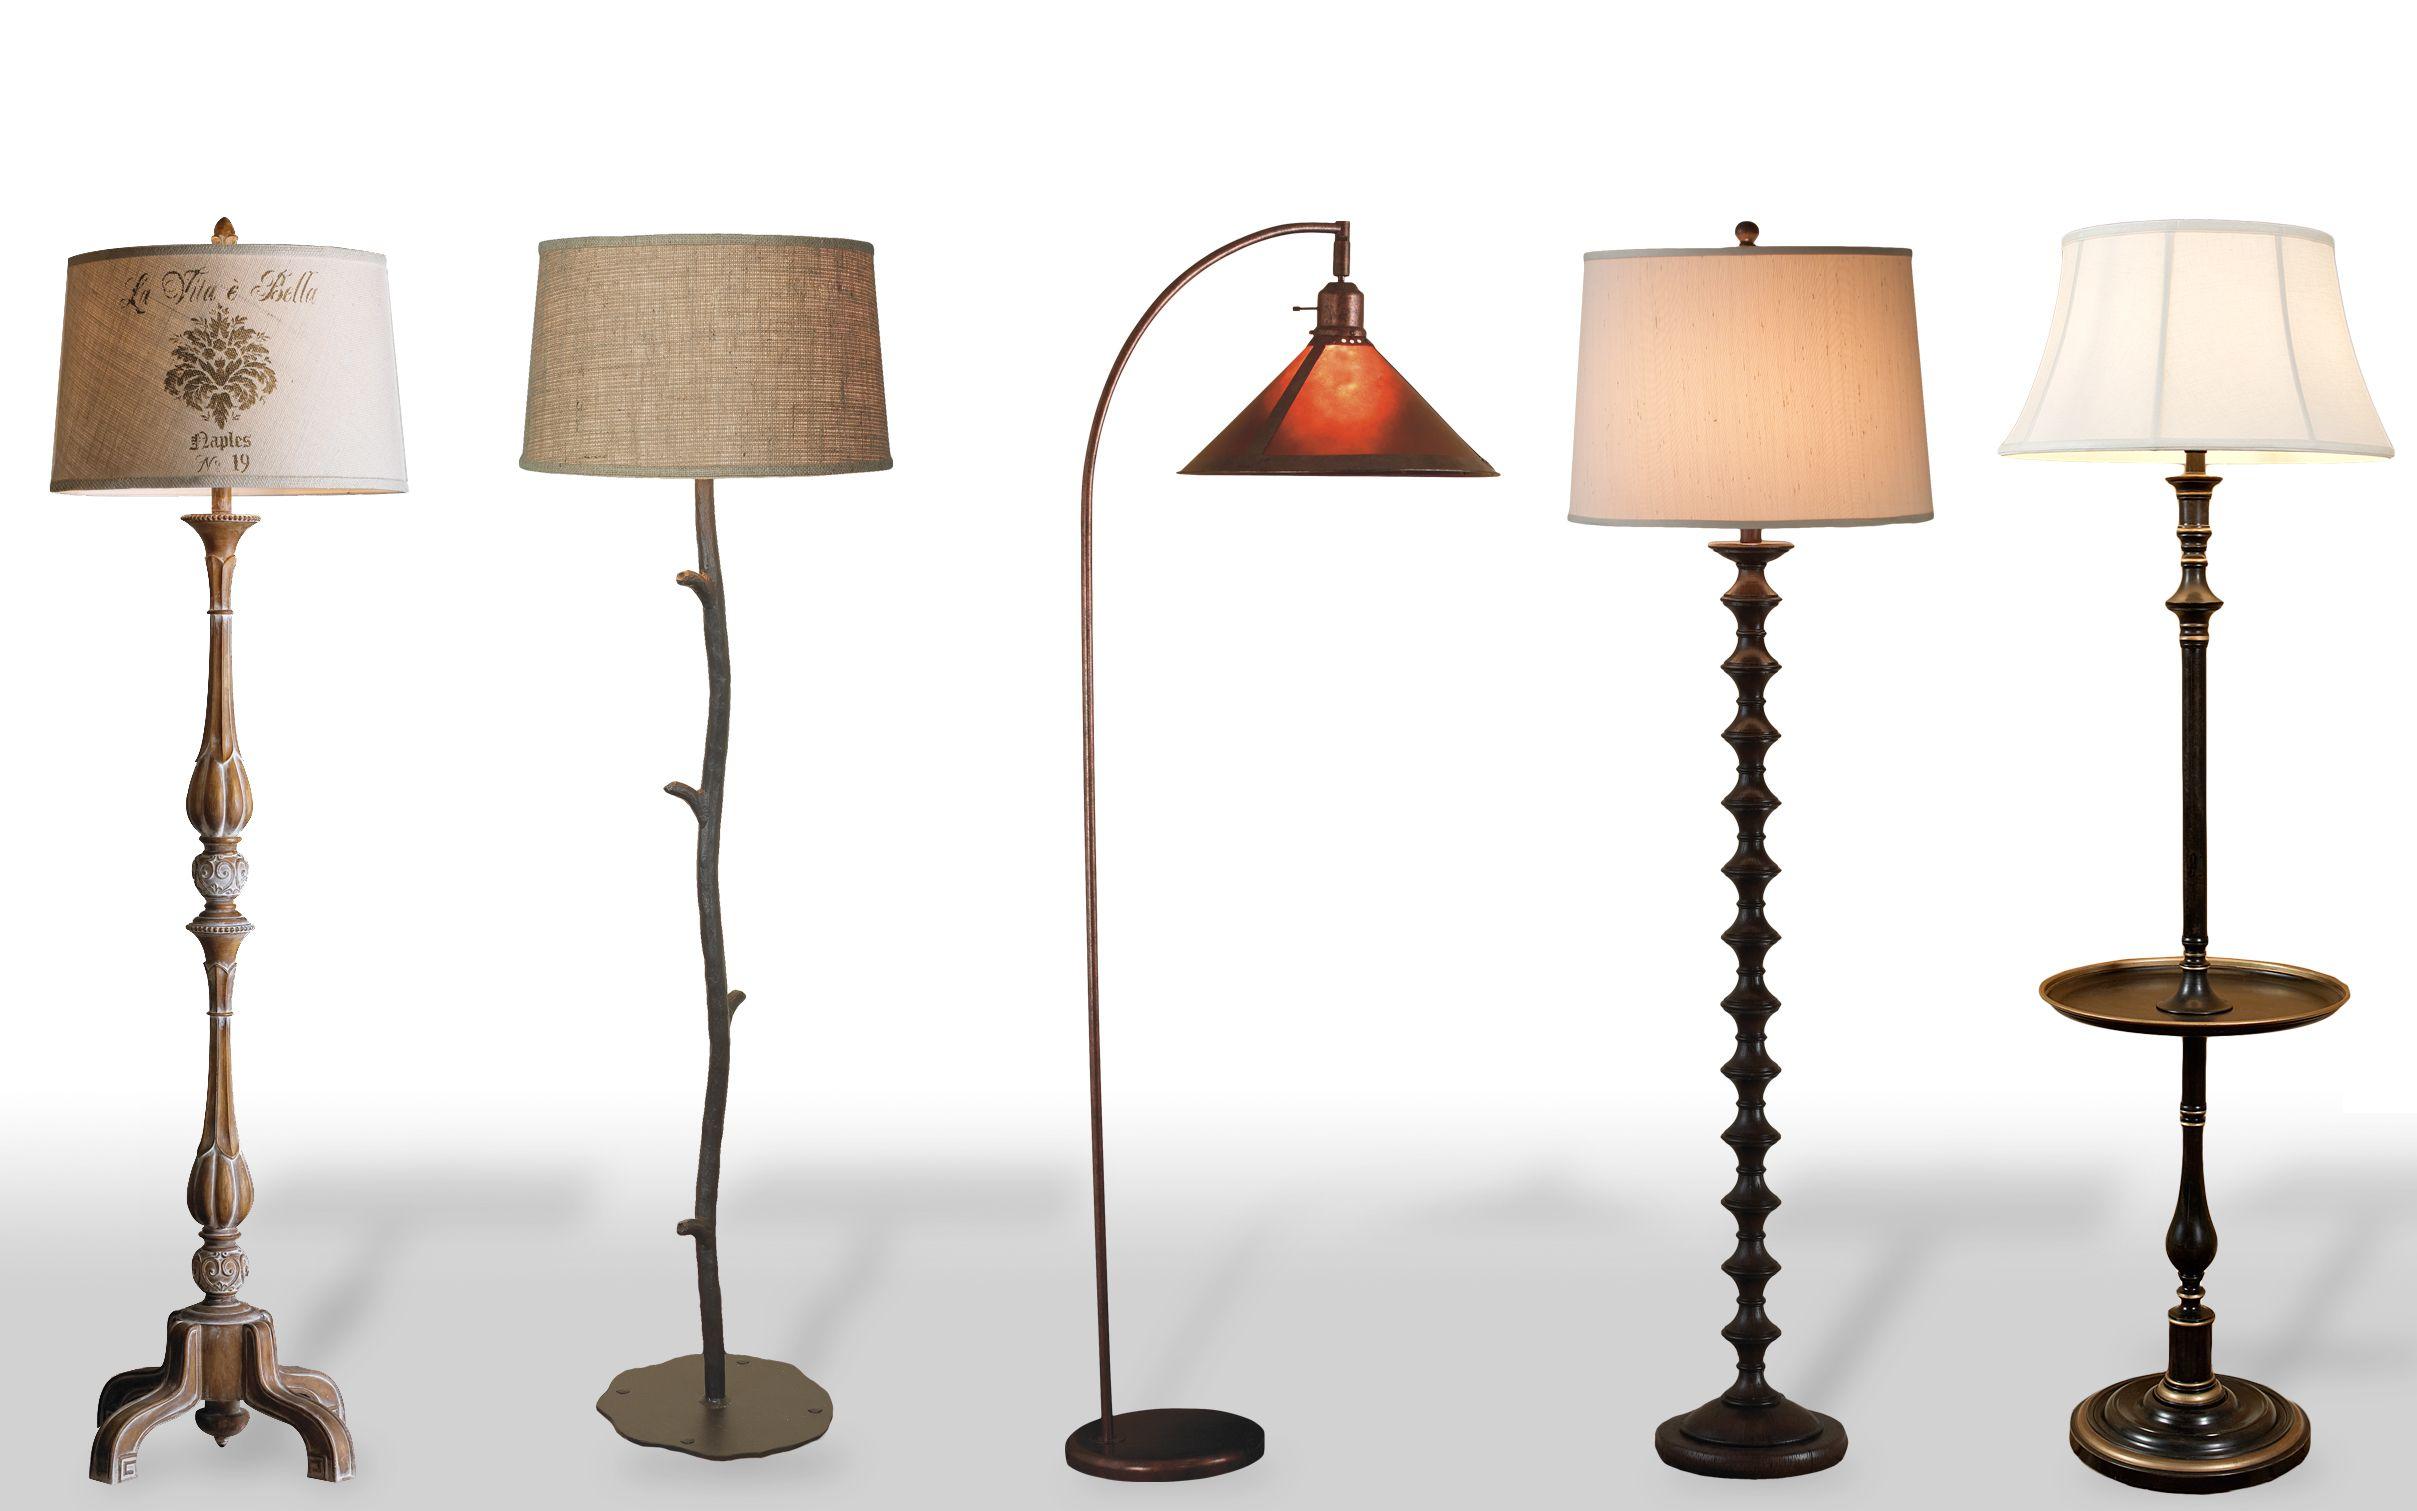 2nd From Left Floor Lamp Bedroom Floor Lamp Lantern Floor Lamp